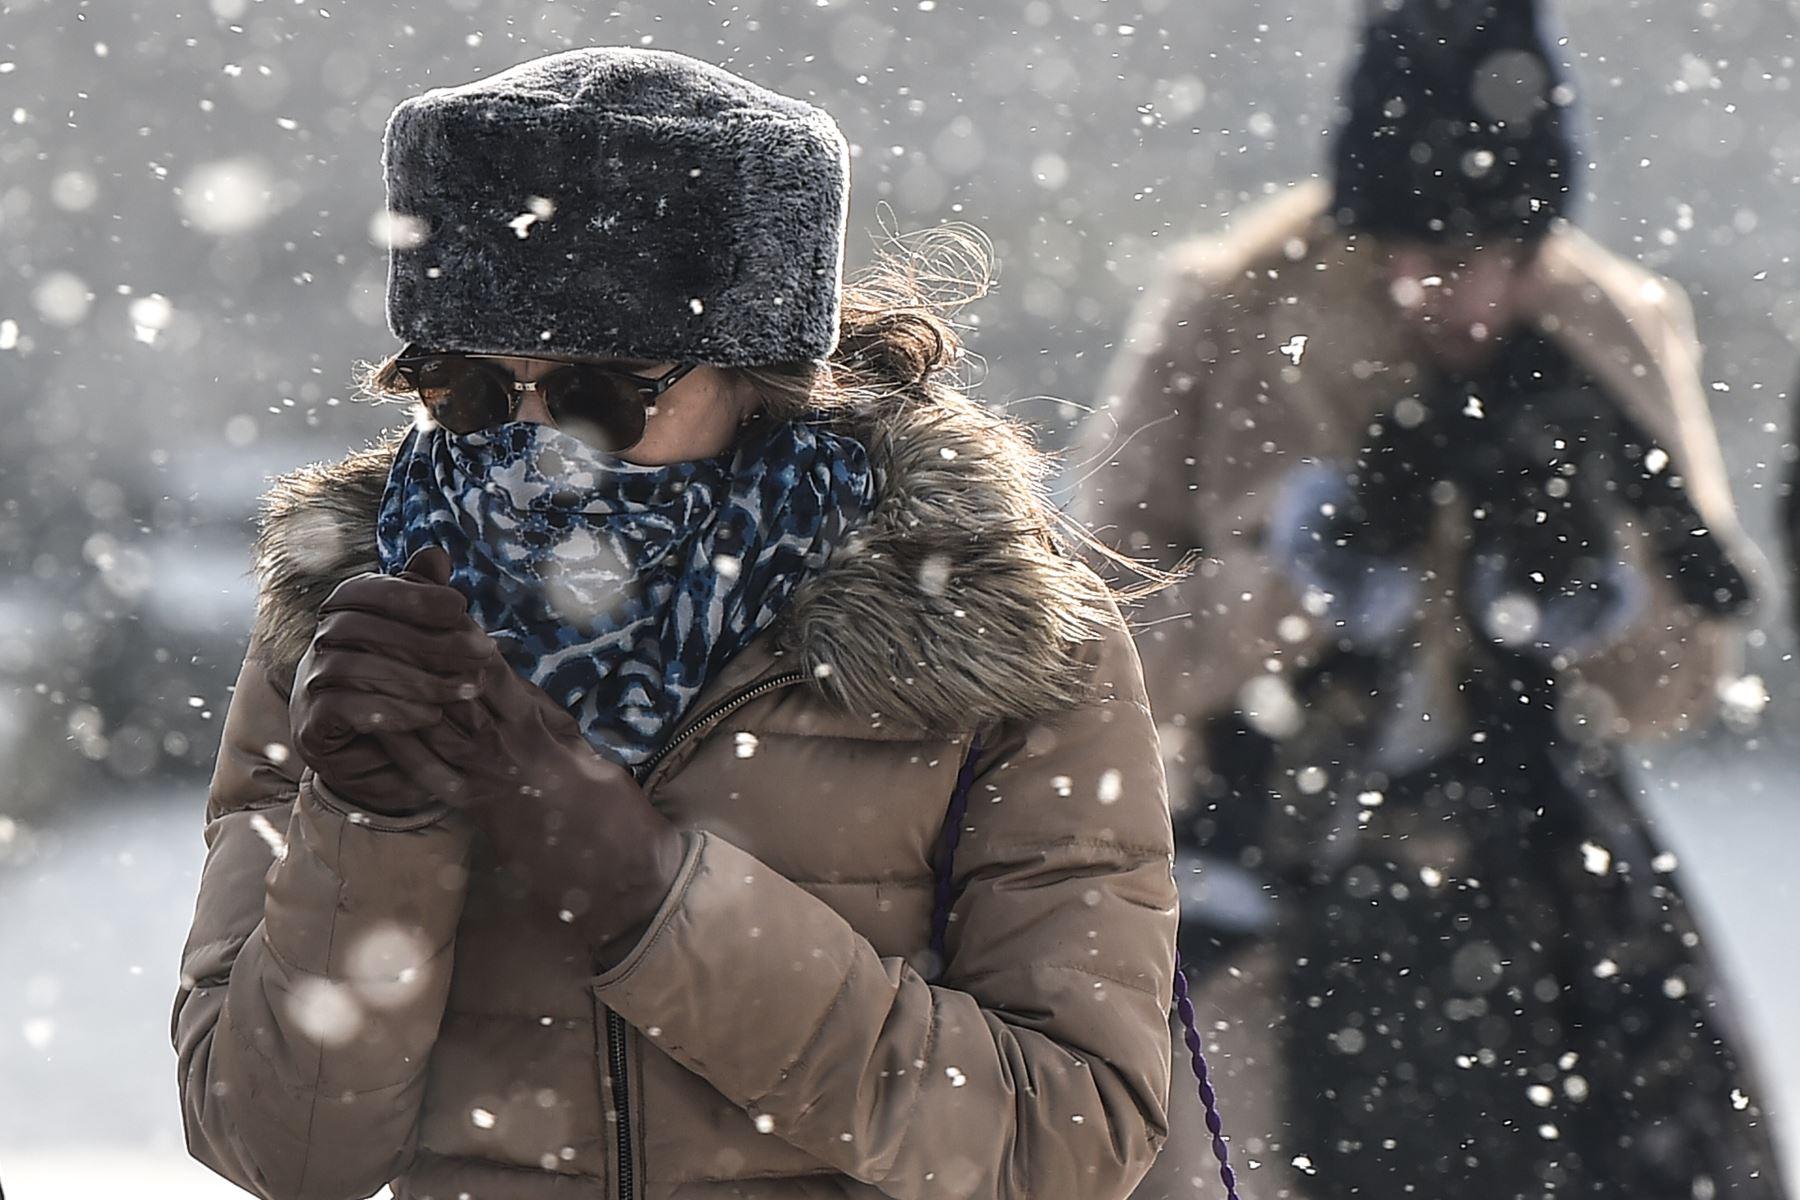 Una mujer camina en la terraza de la mezquita de Suleymaniye  durante las nevadas sobre la ciudad turca de Estambul. AFP